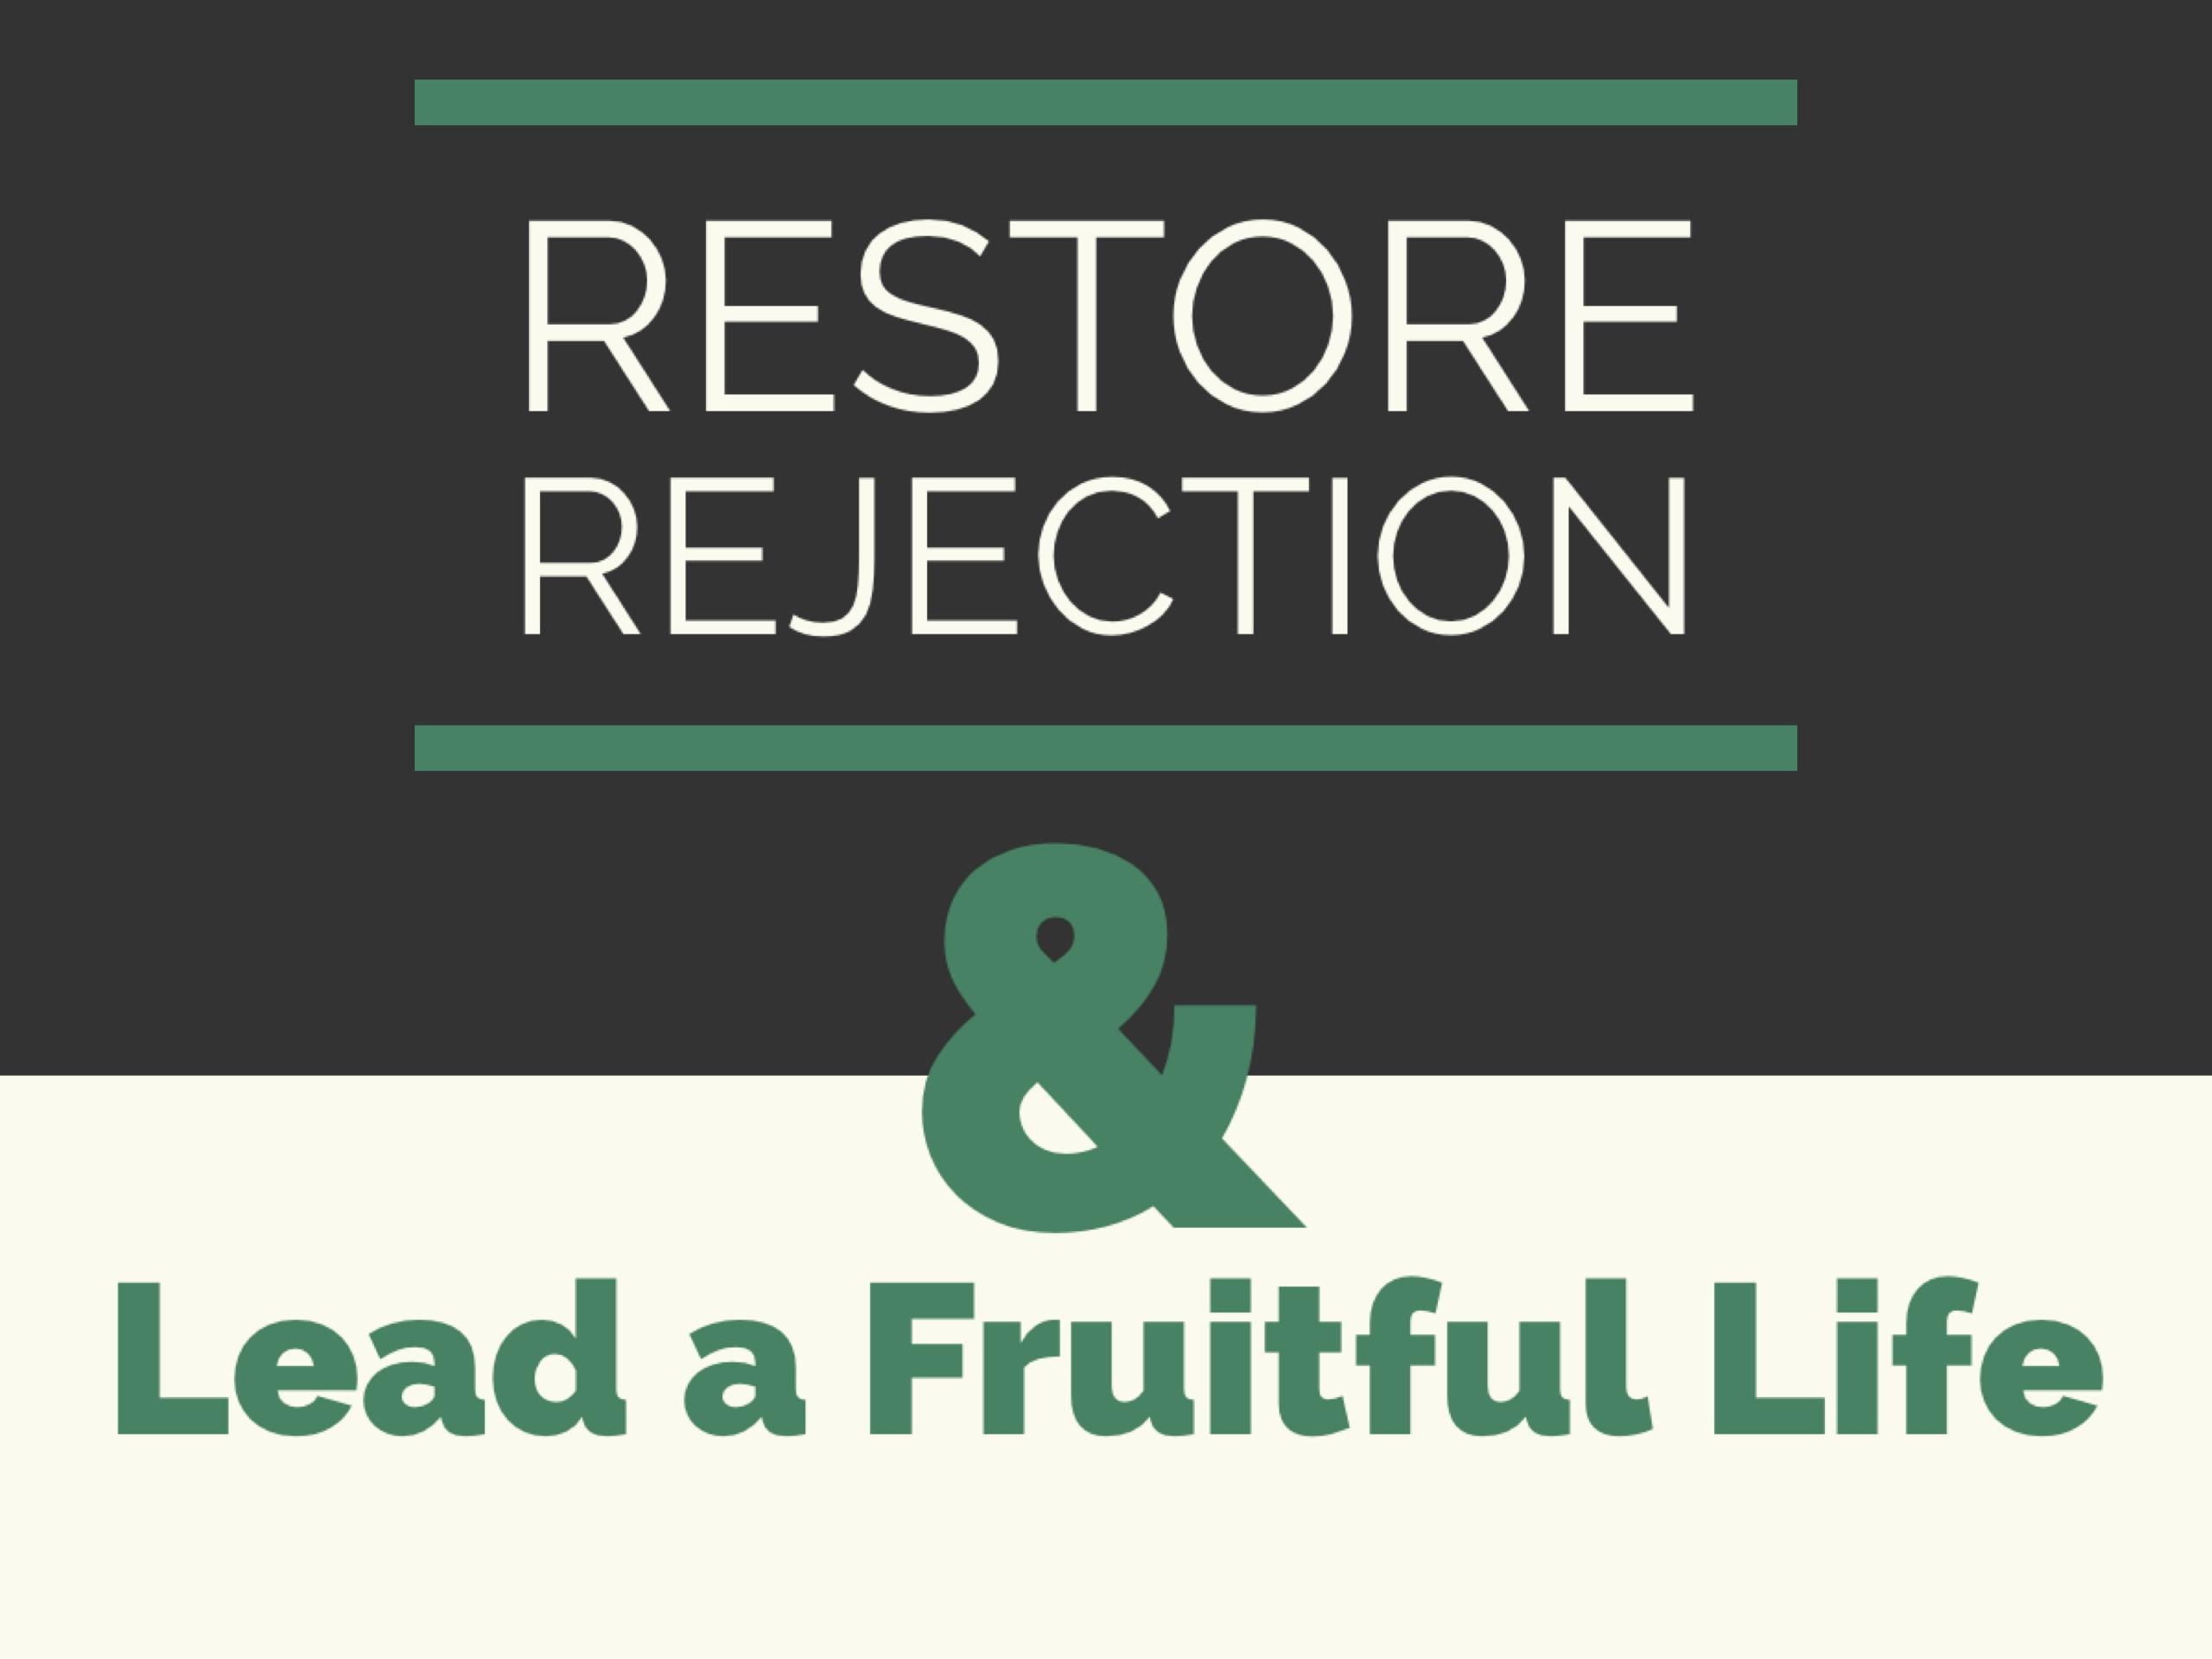 Rejection, restoration